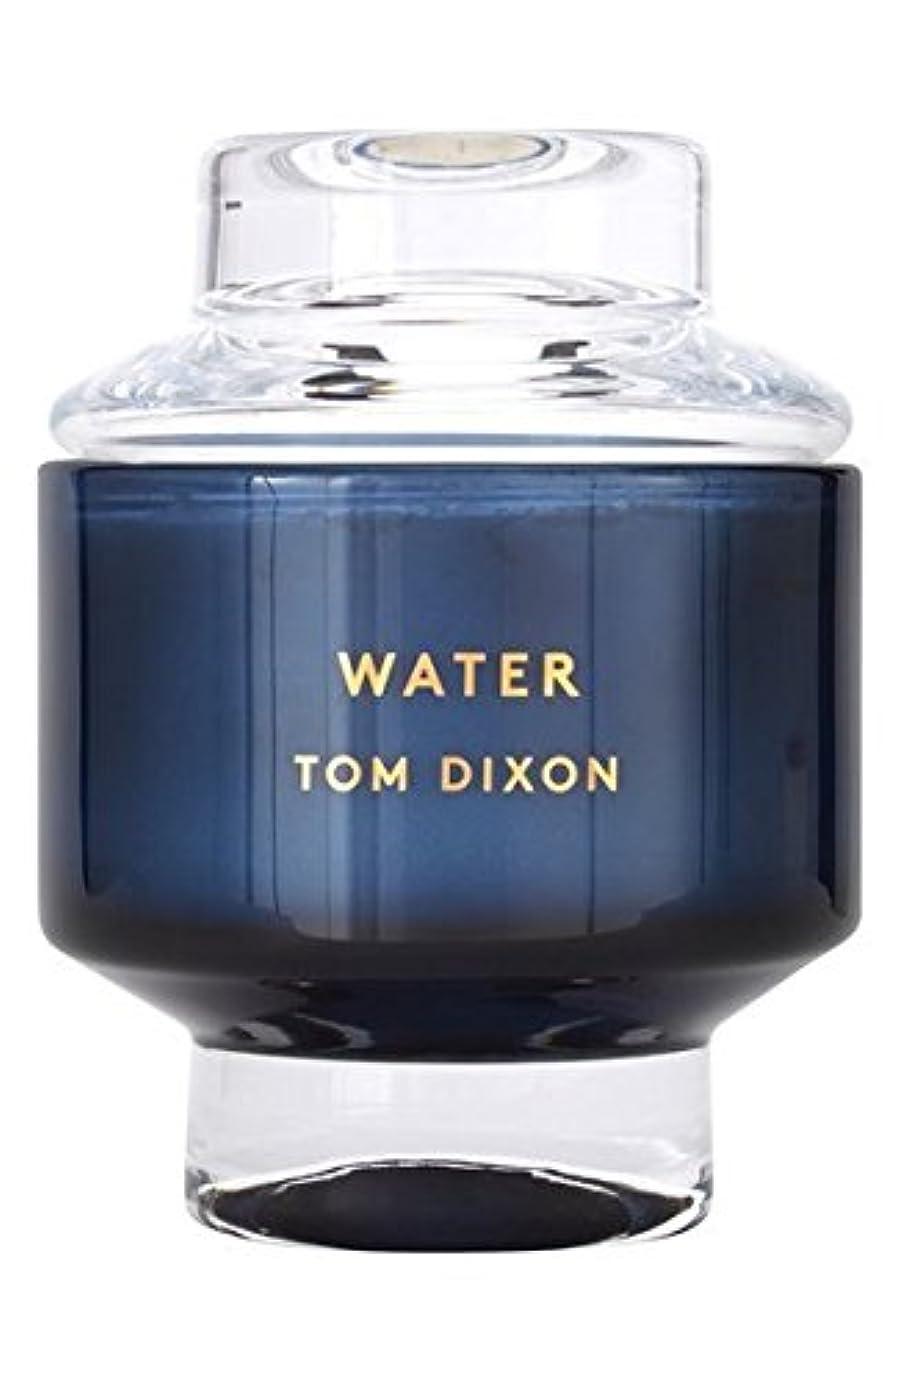 行商すなわち反乱Tom Dixon 'Water' Candle (トム ディクソン 'ウオーター' キャンドル大)Large